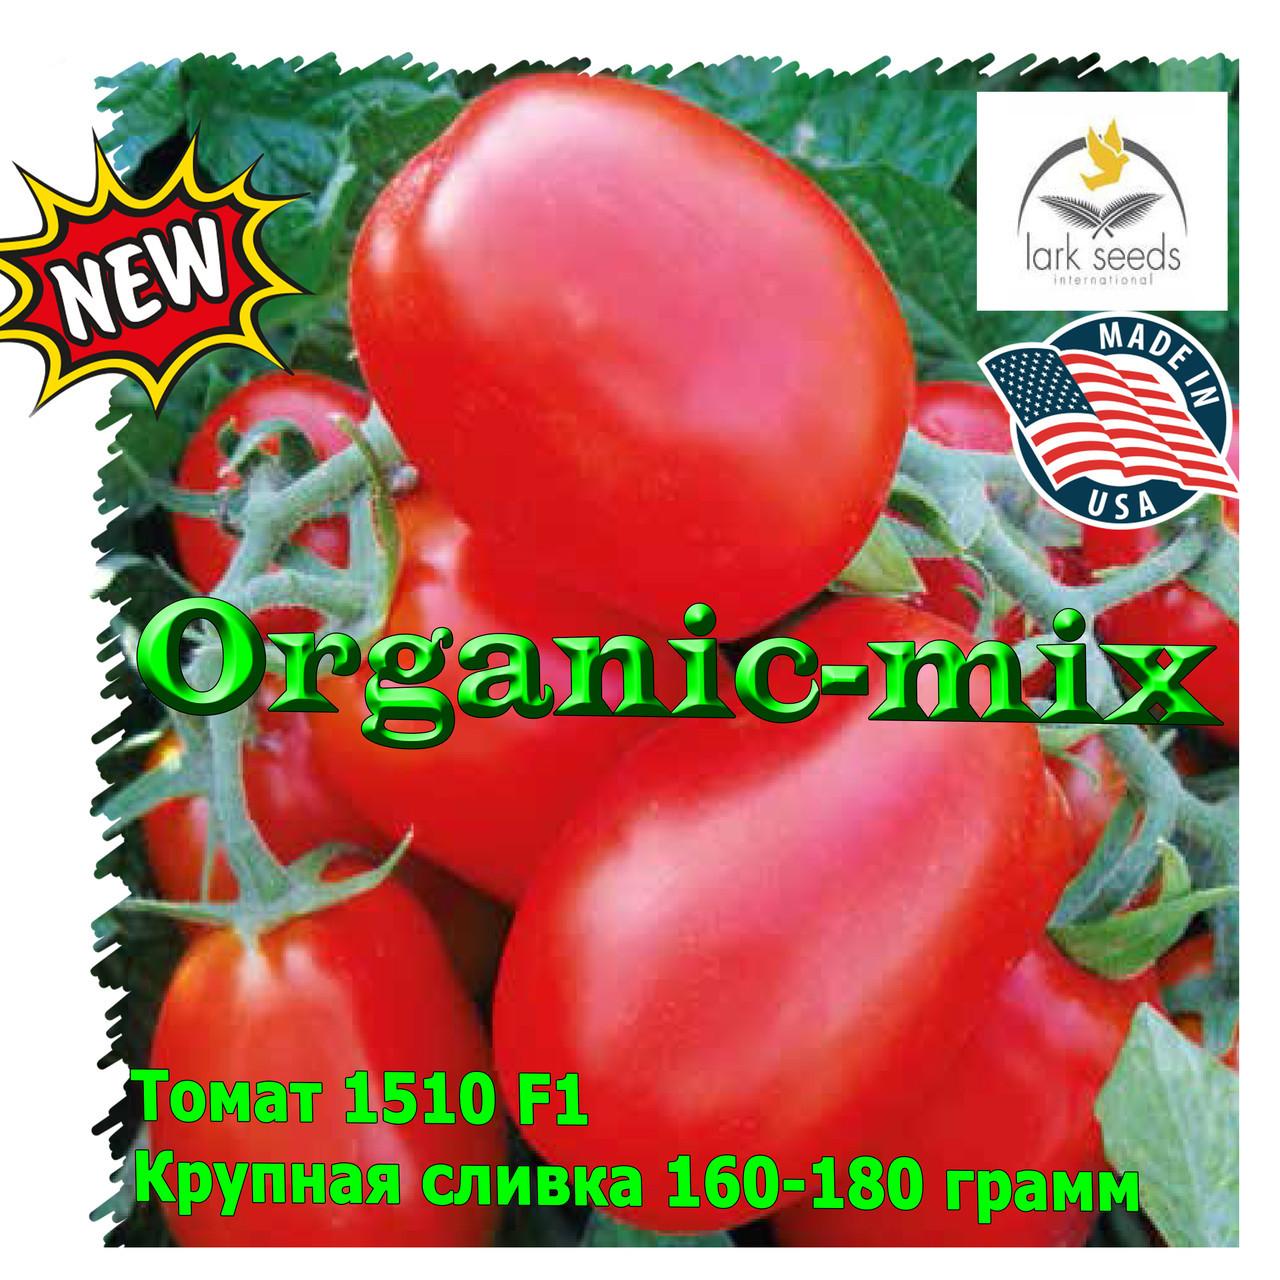 """Семена, томат 1510 F1 (крупная сливка) ТМ """"Spark Seeds (США), упаковка 5000 семян"""